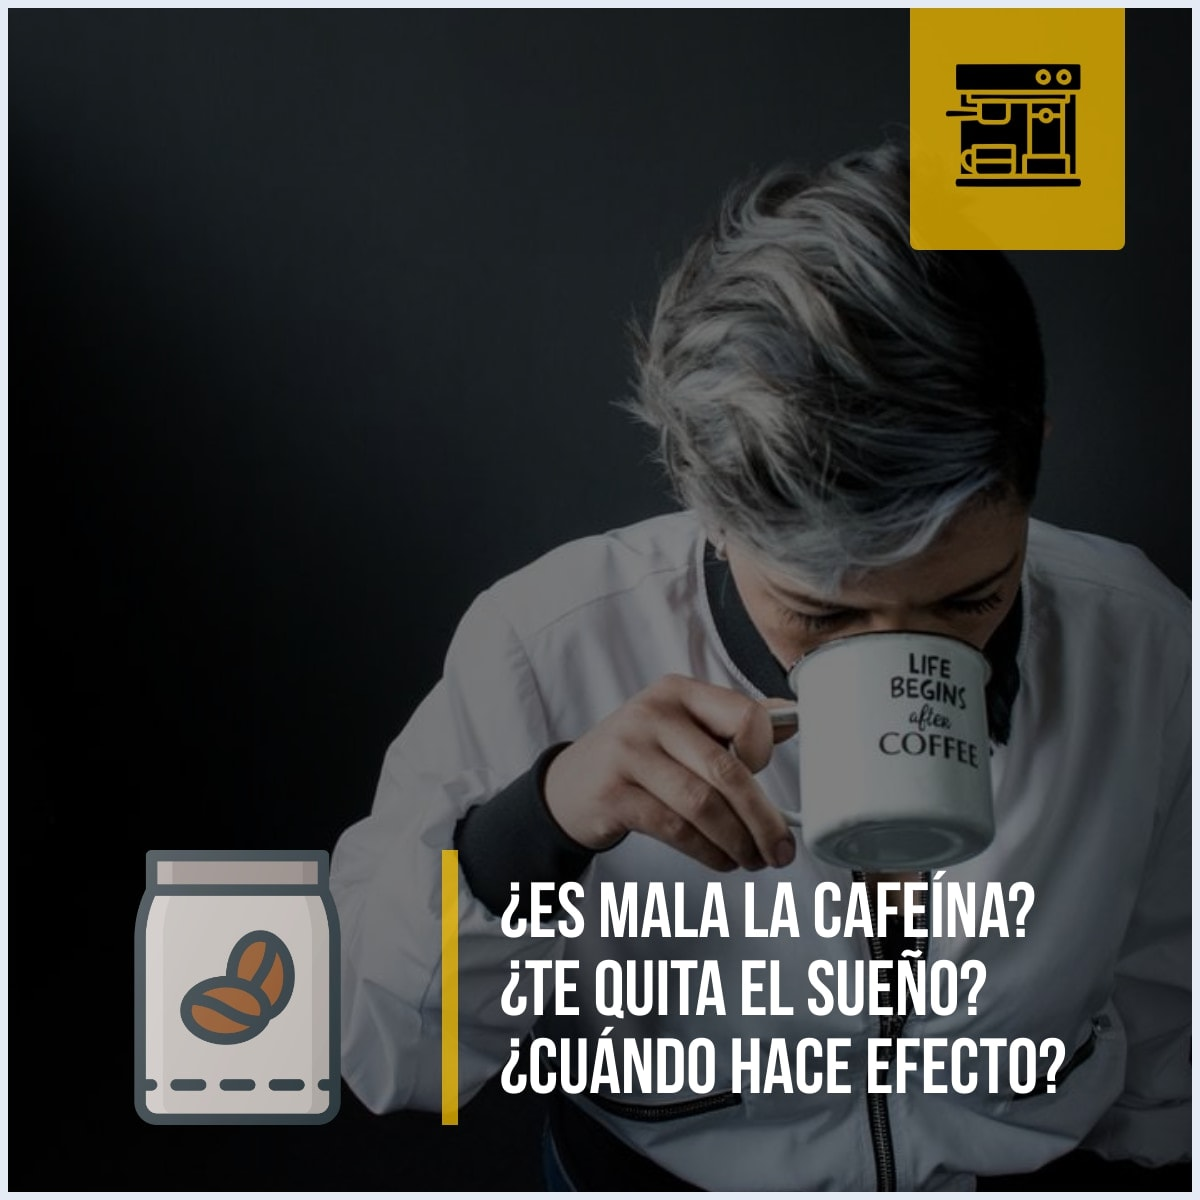 Preguntas sobre la cafeina: ¿Es mala la cafeína? ¿Te quita el sueño? ¿Cuándo hace efecto?